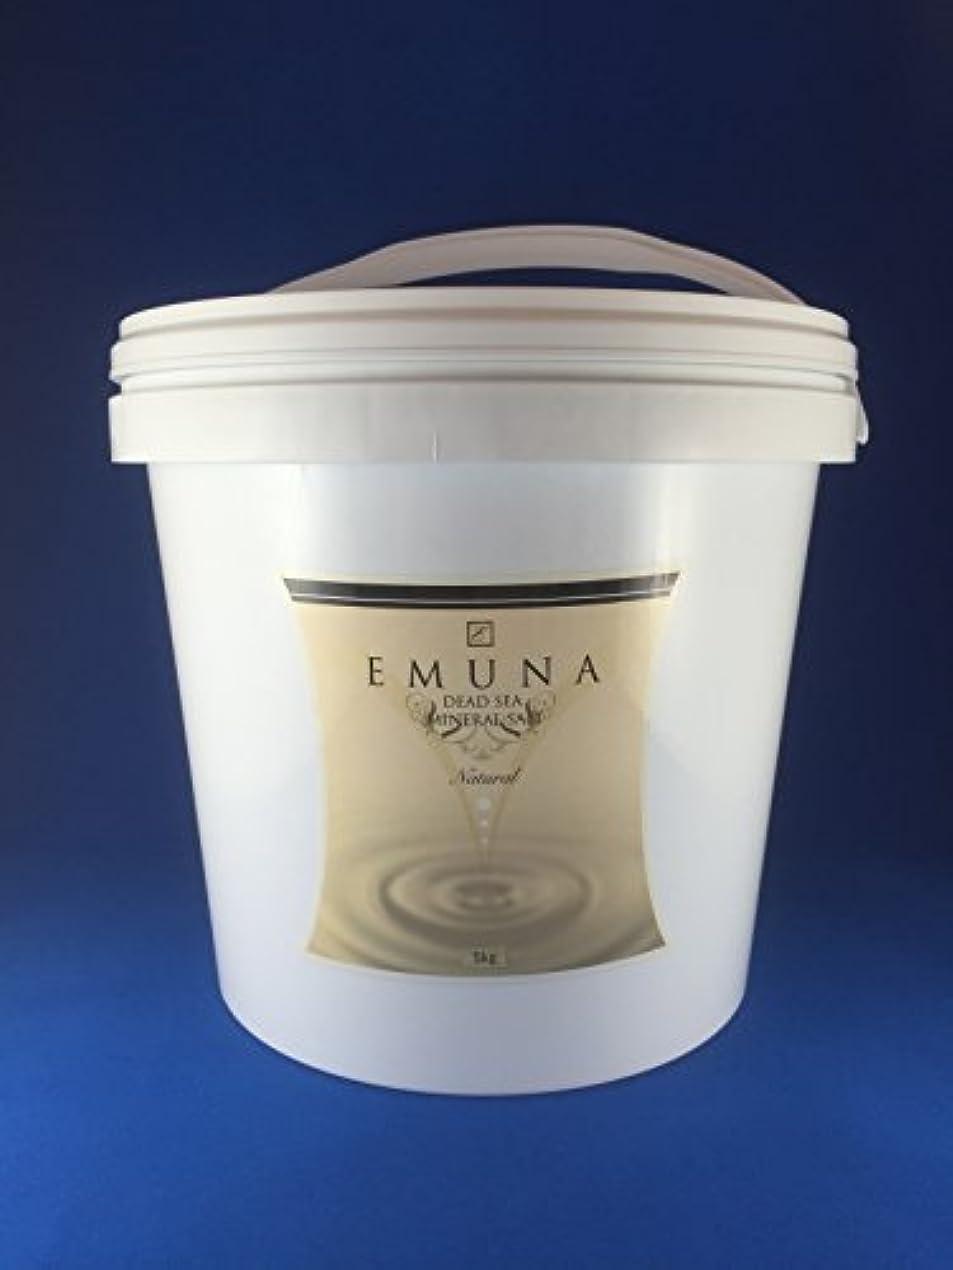 マカダムからかう取得するエムナーミネラルソルト 5kg クリスタル